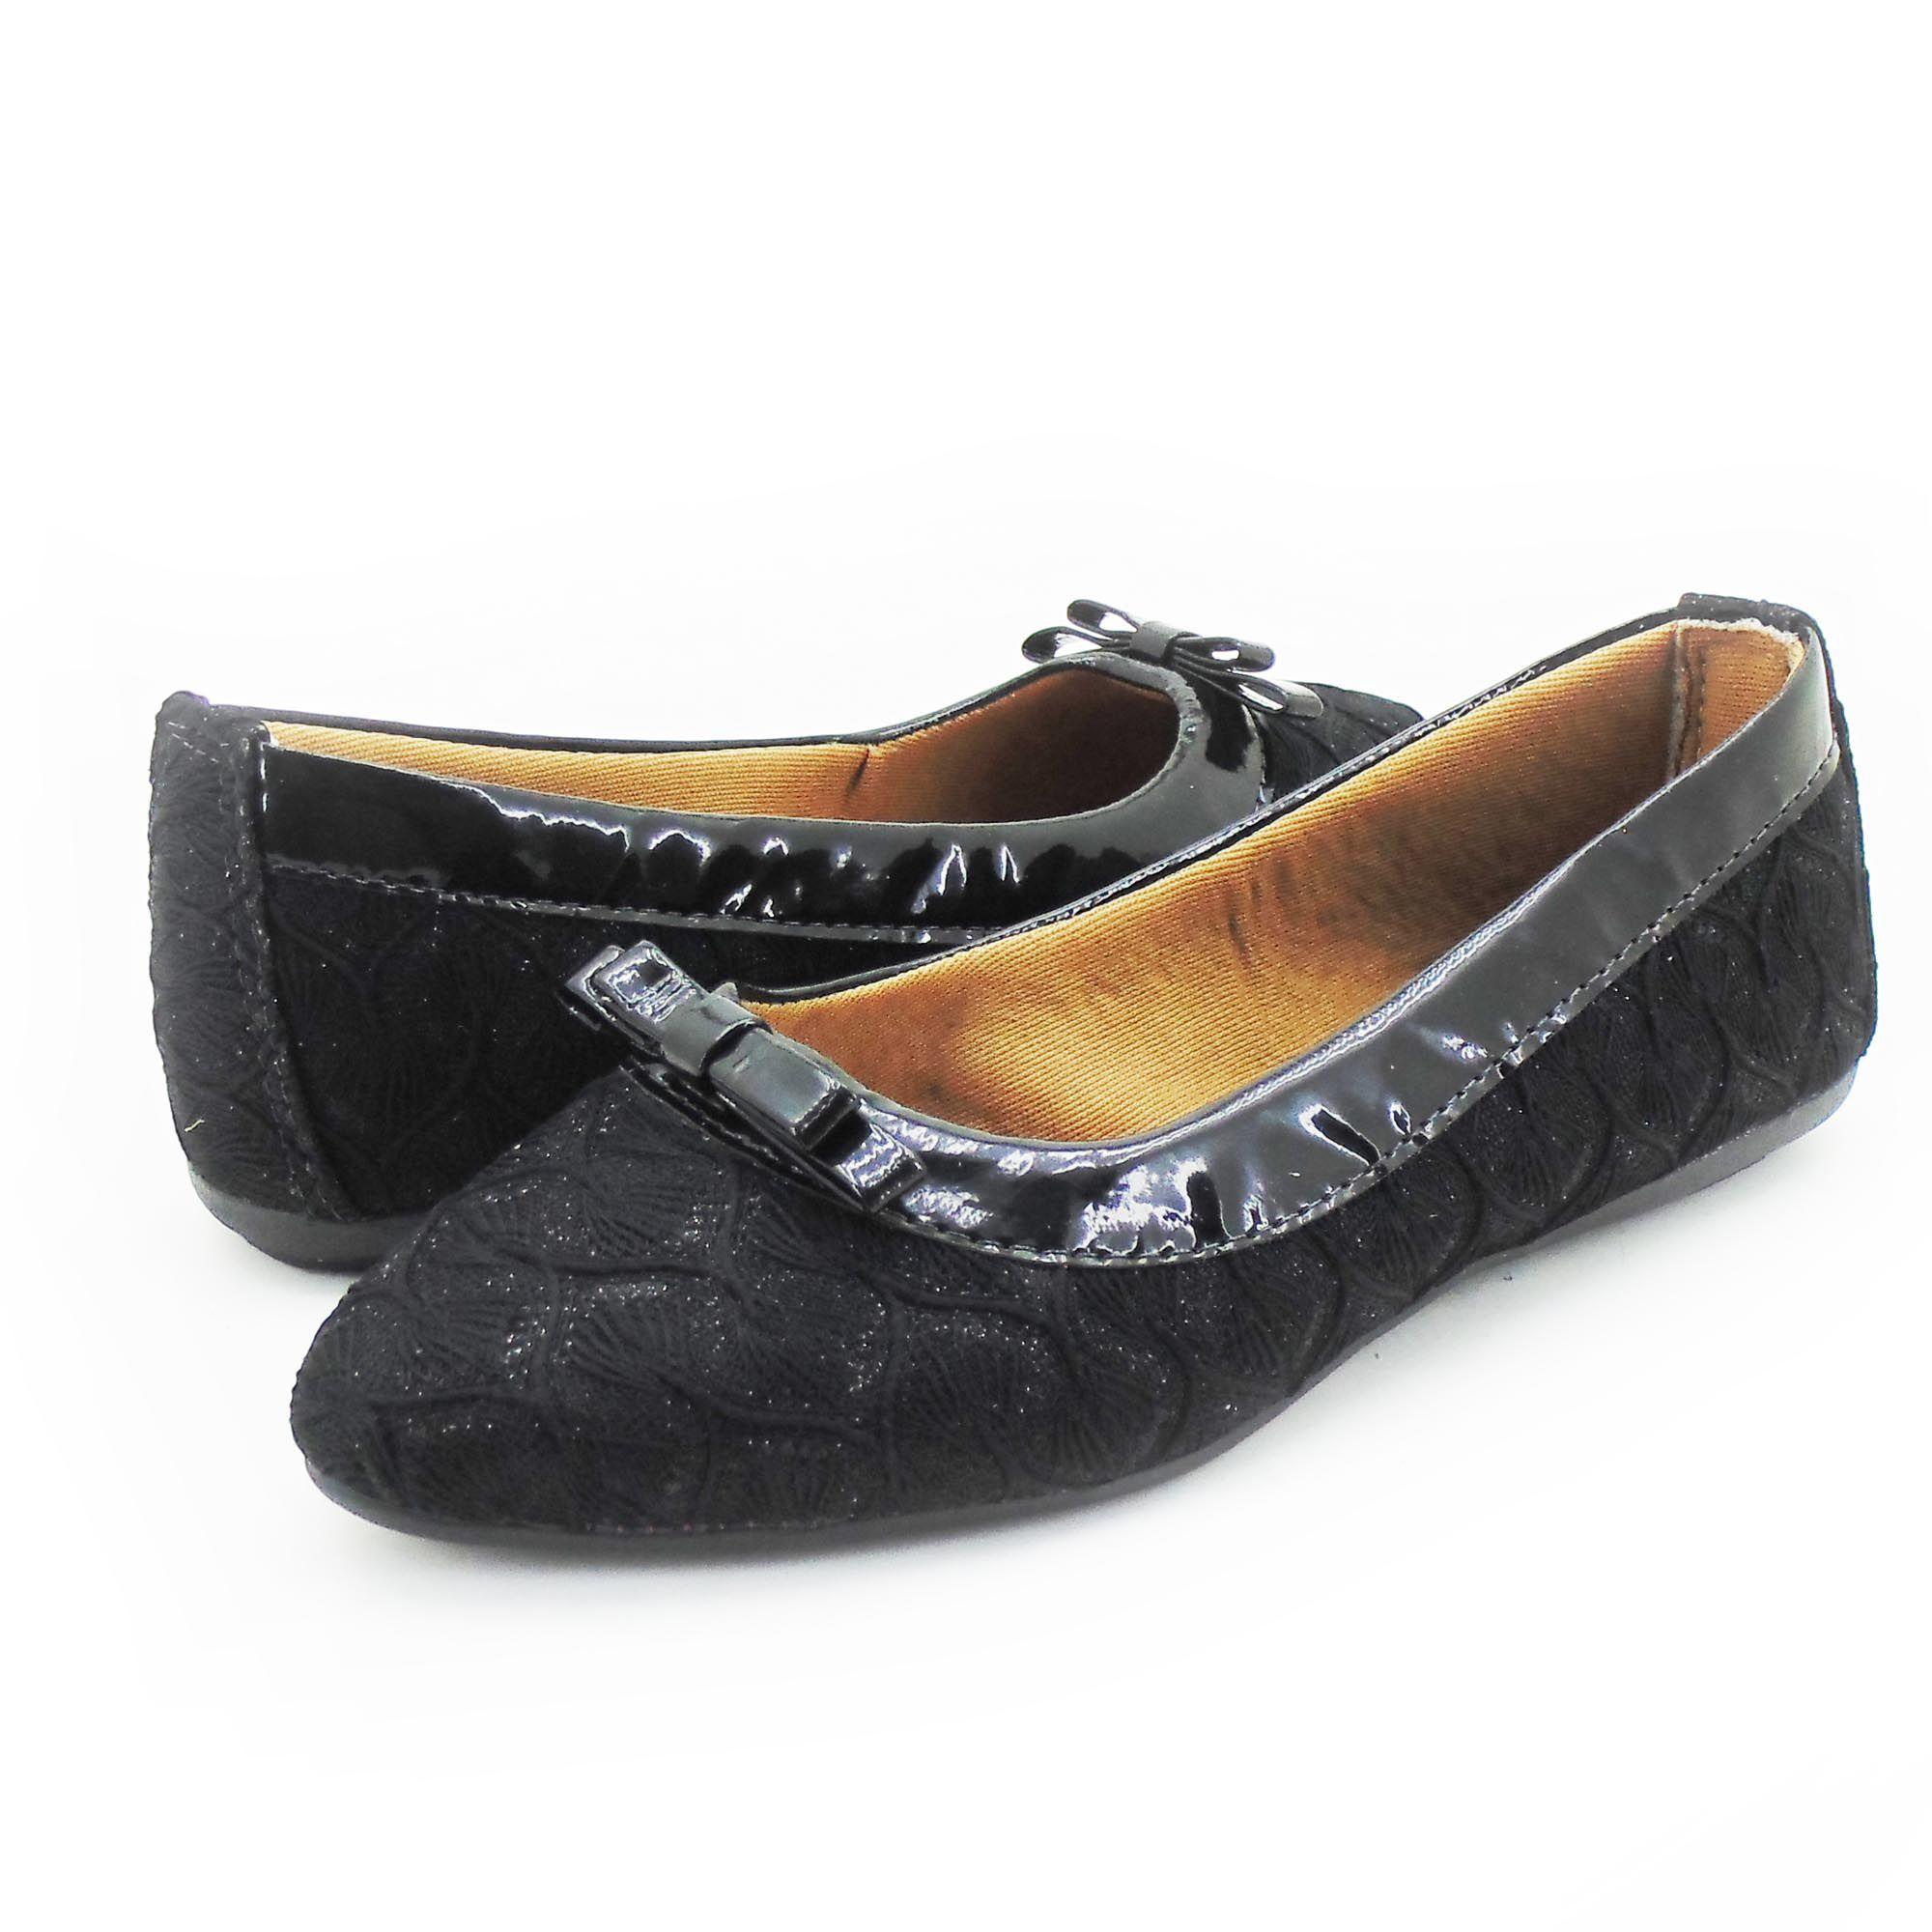 Sandália feminina preta com detalhes no couro